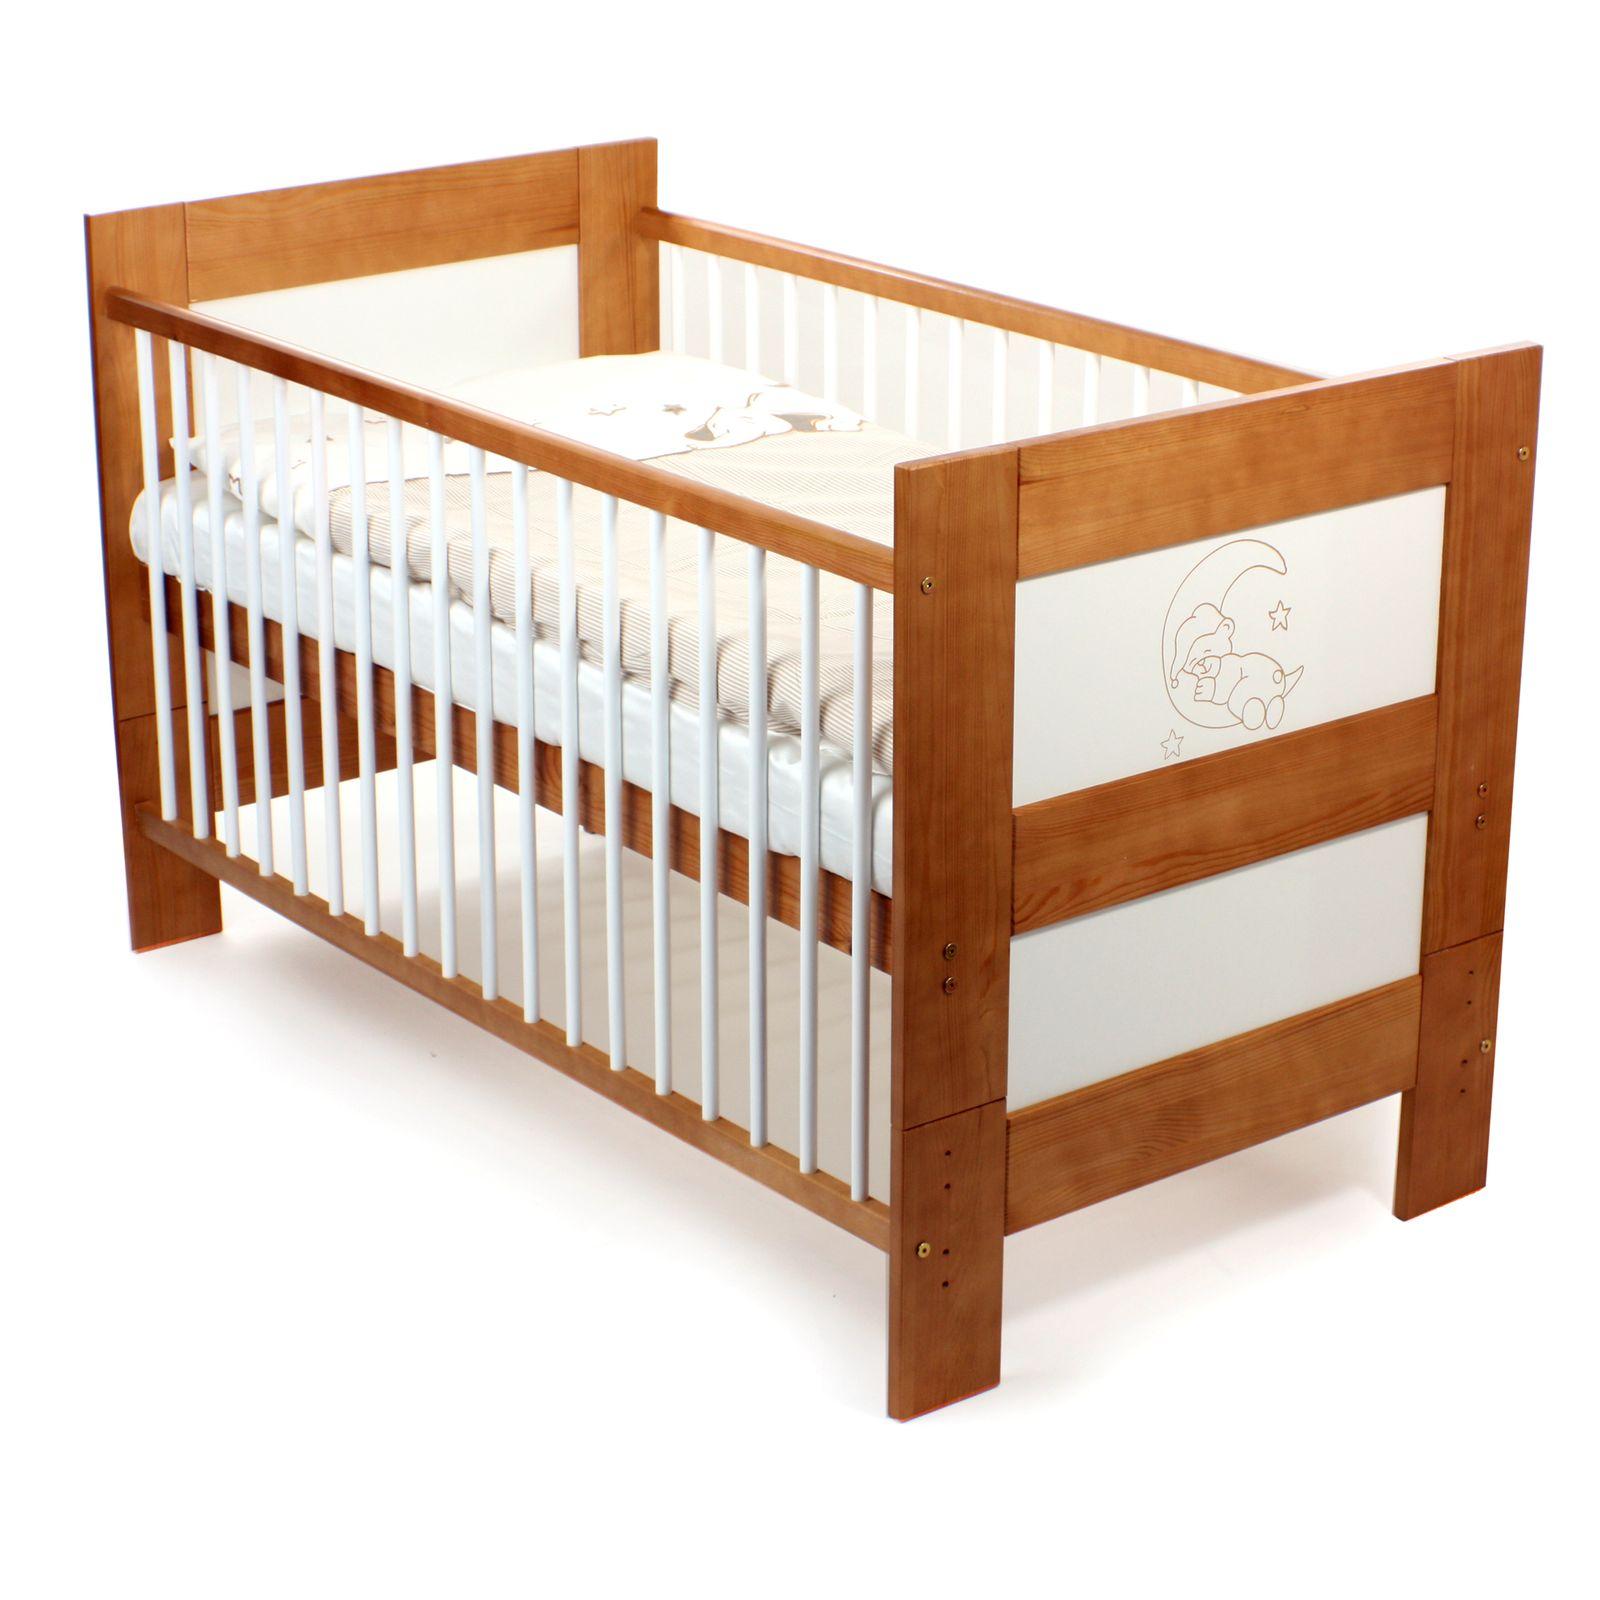 Kinderbett Holz Klappbar: Baby Vivo Kinderbett Juniorbett Babybett Juniorbett 140 X